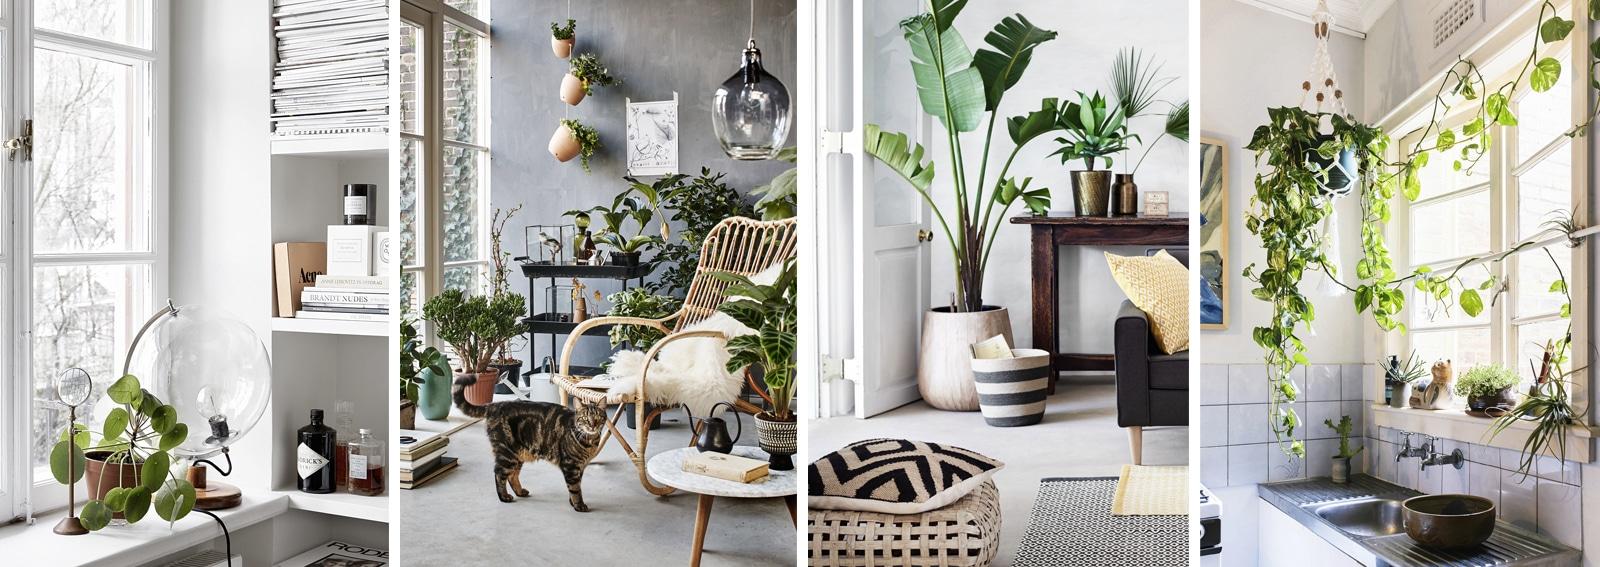 Piante Da Arredo Appartamento le piante d'appartamento più belle per arredare la casa - grazia